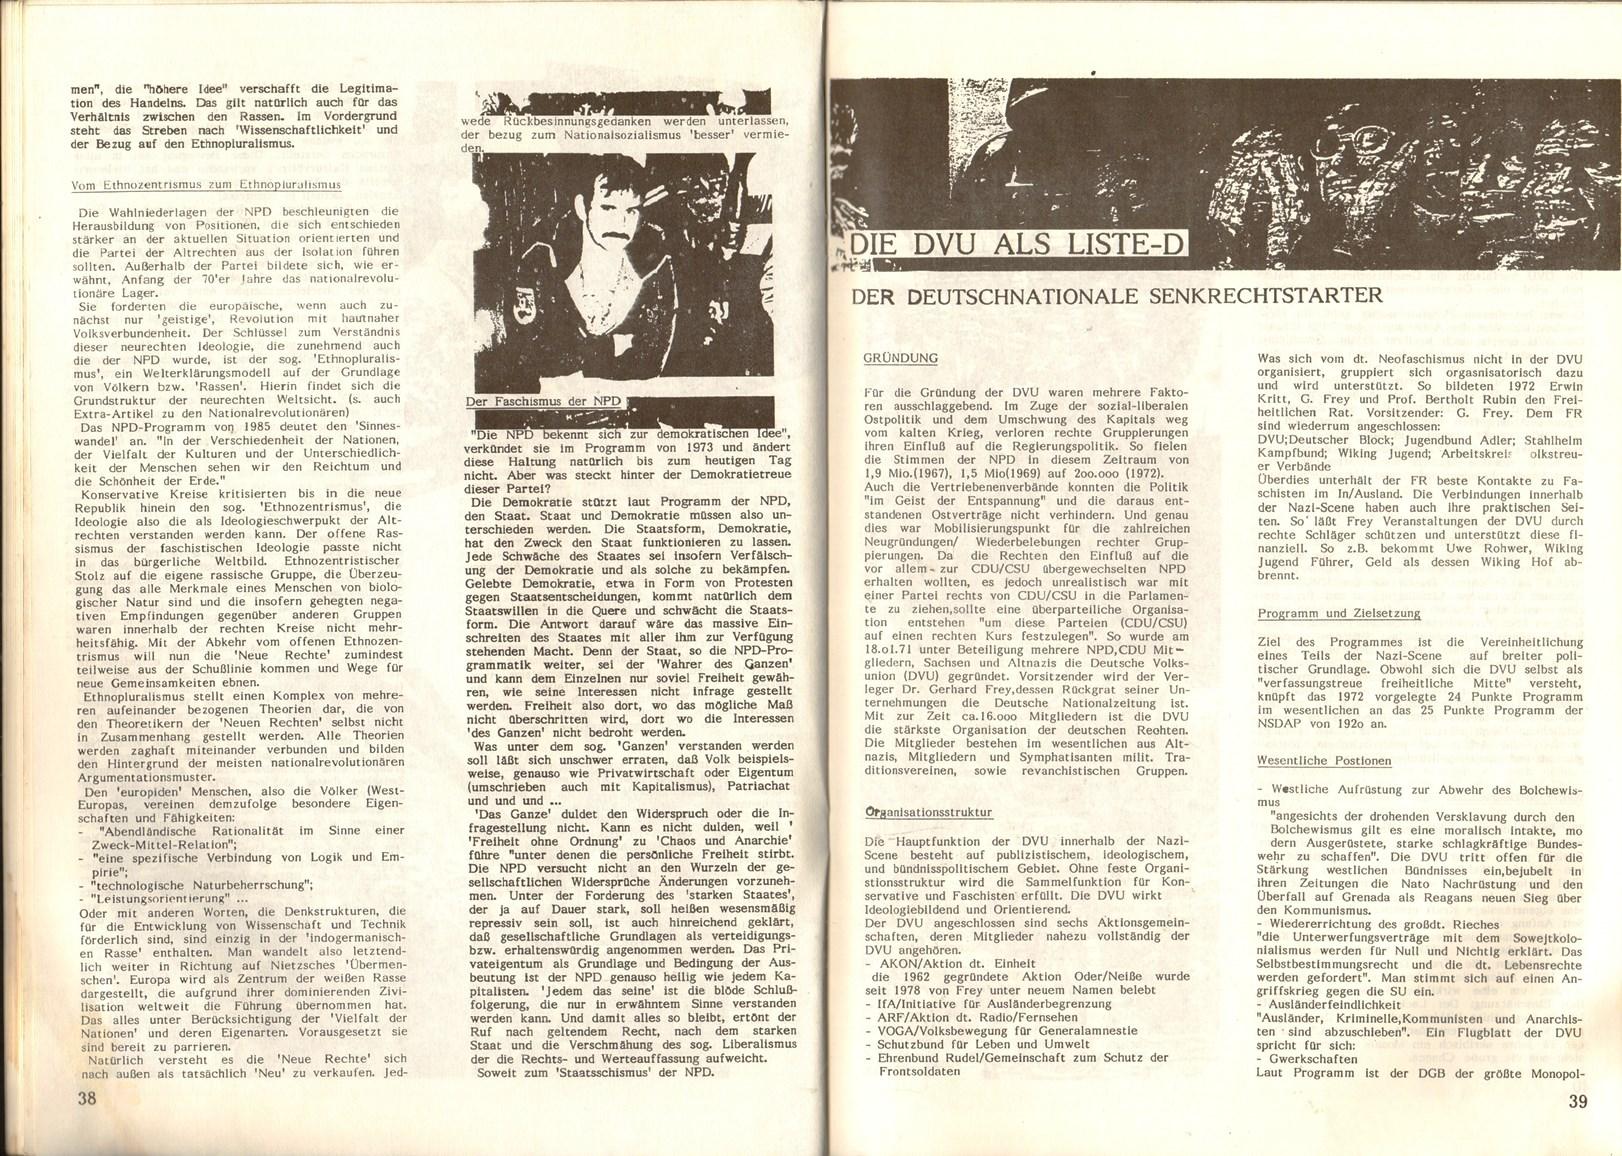 Gelsenkirchen_Zukunft_Vergangenheit_1988_20